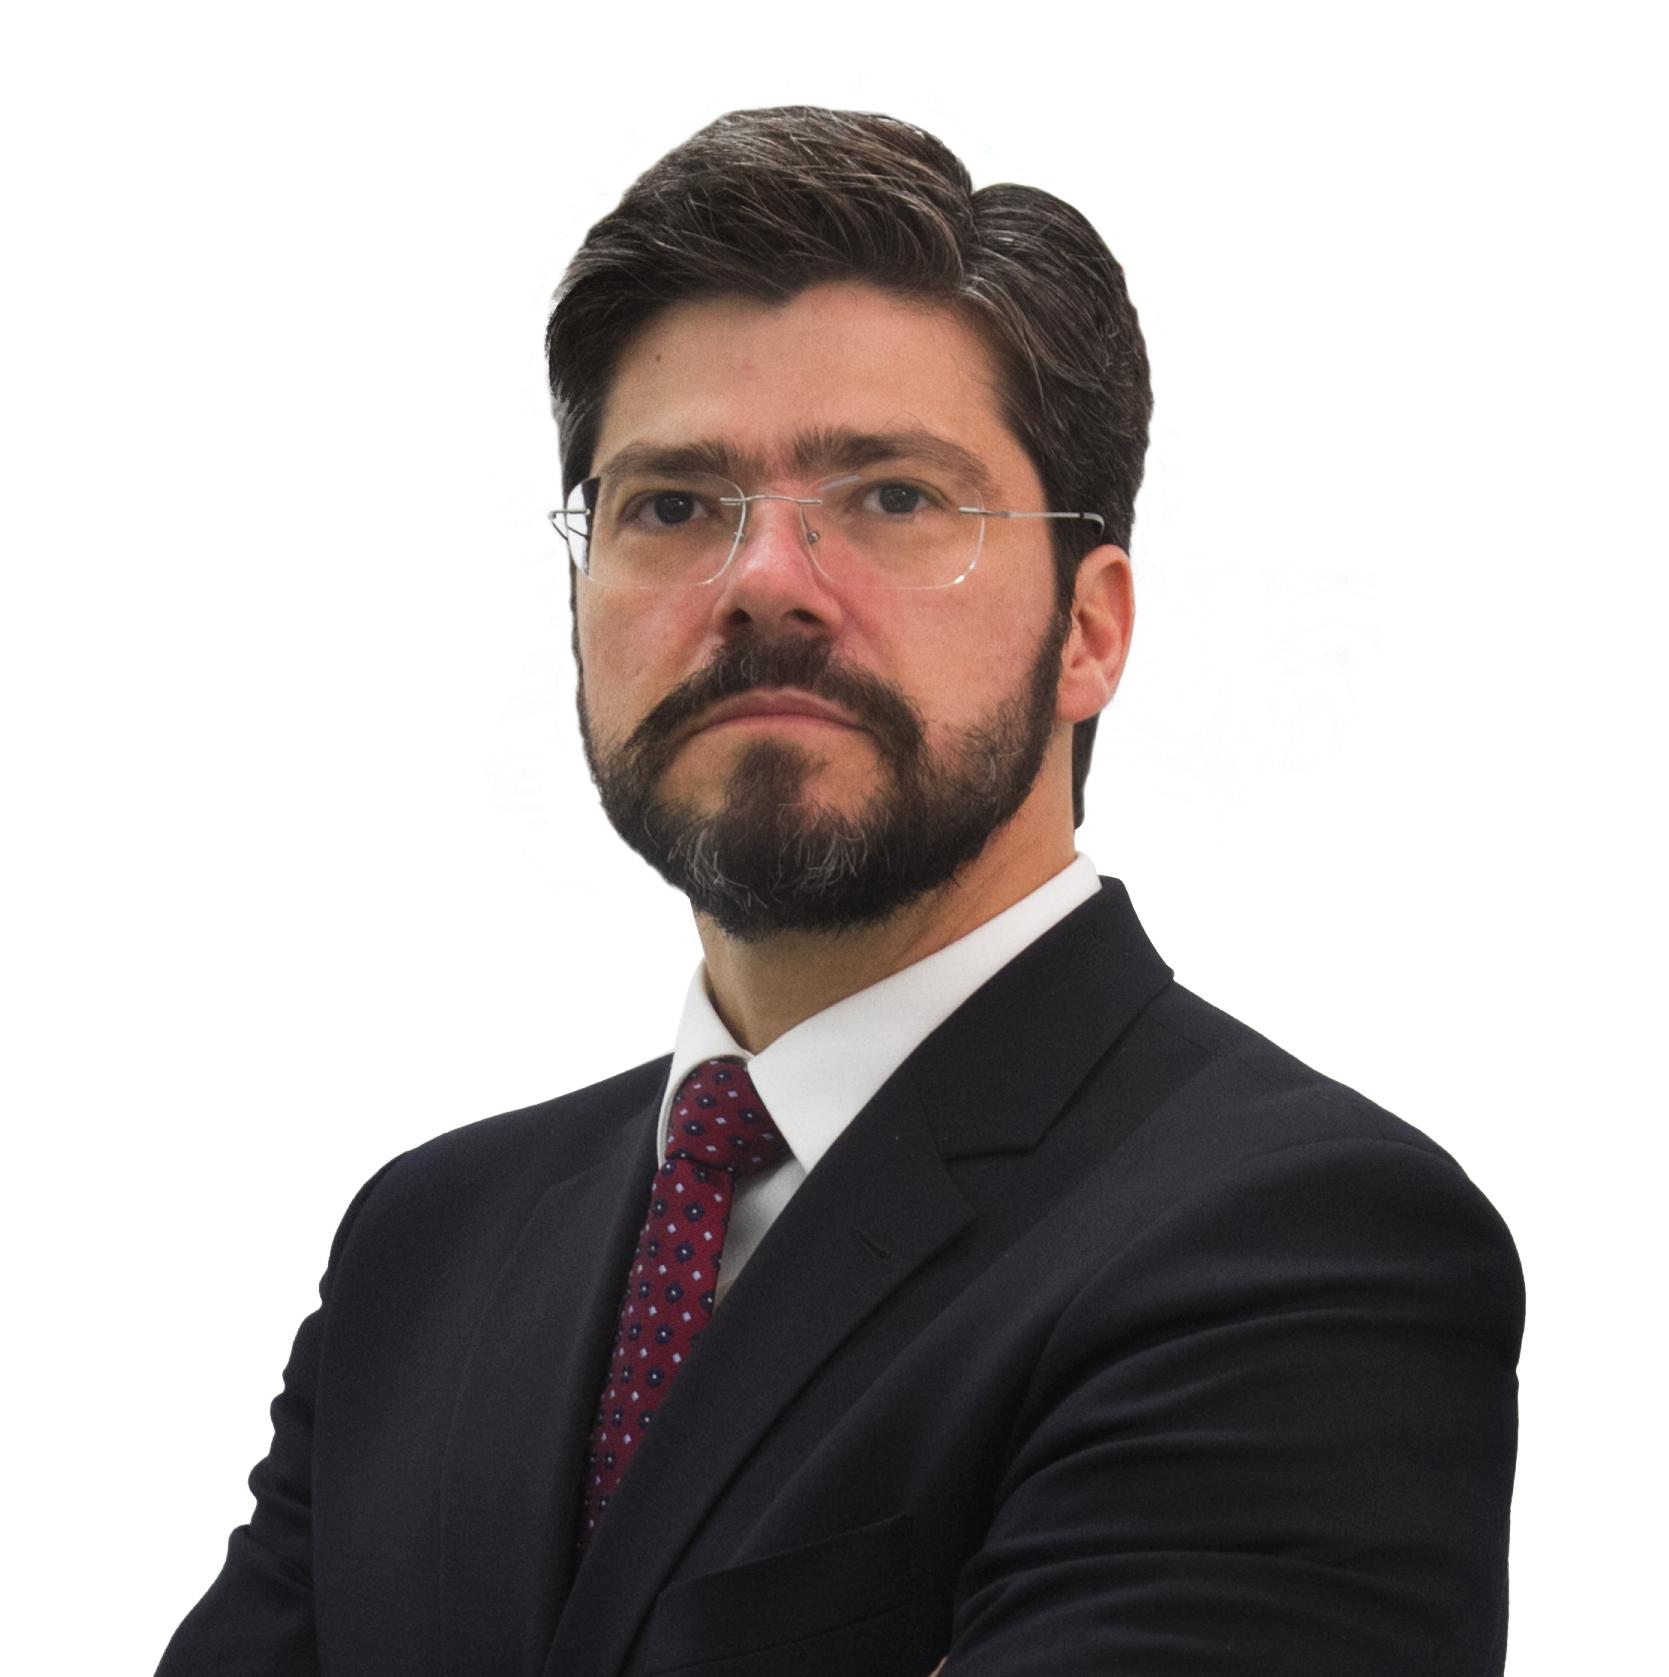 Daniel Assumpção